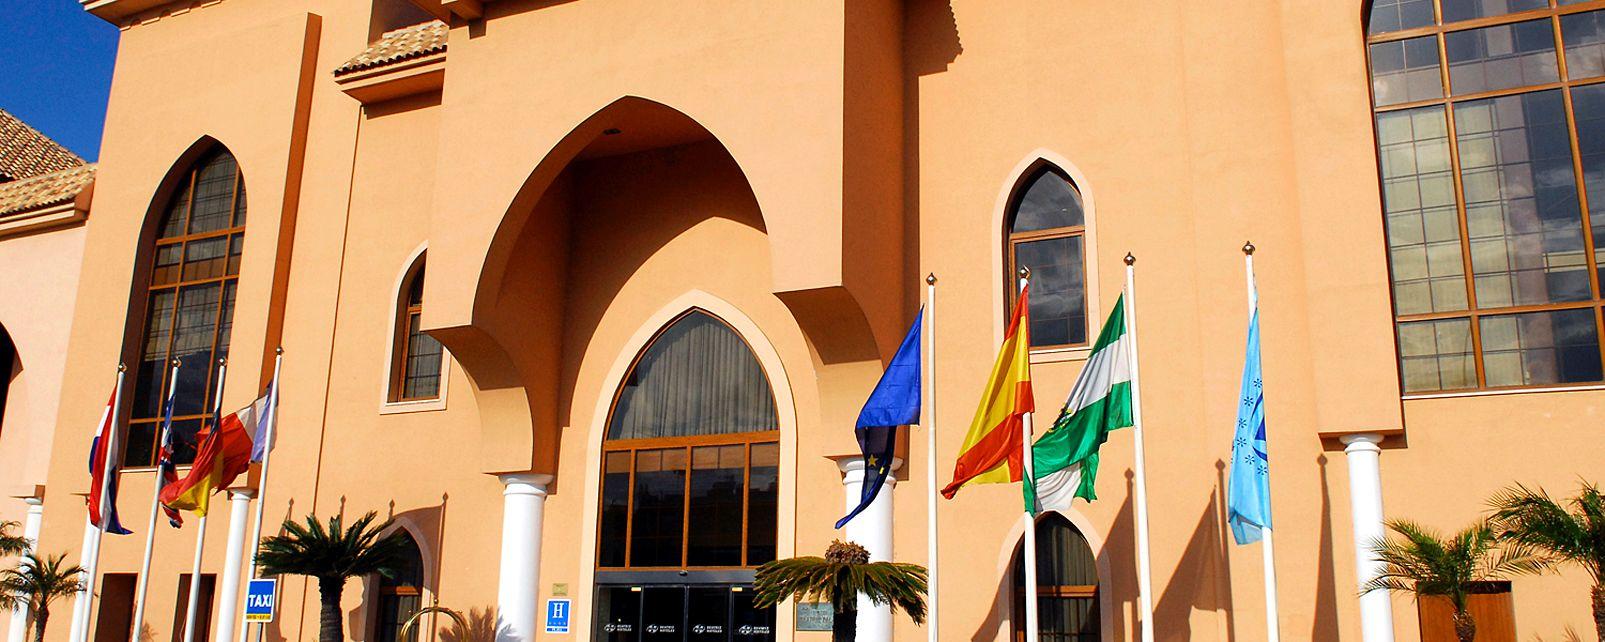 Hotel Beatriz Palace